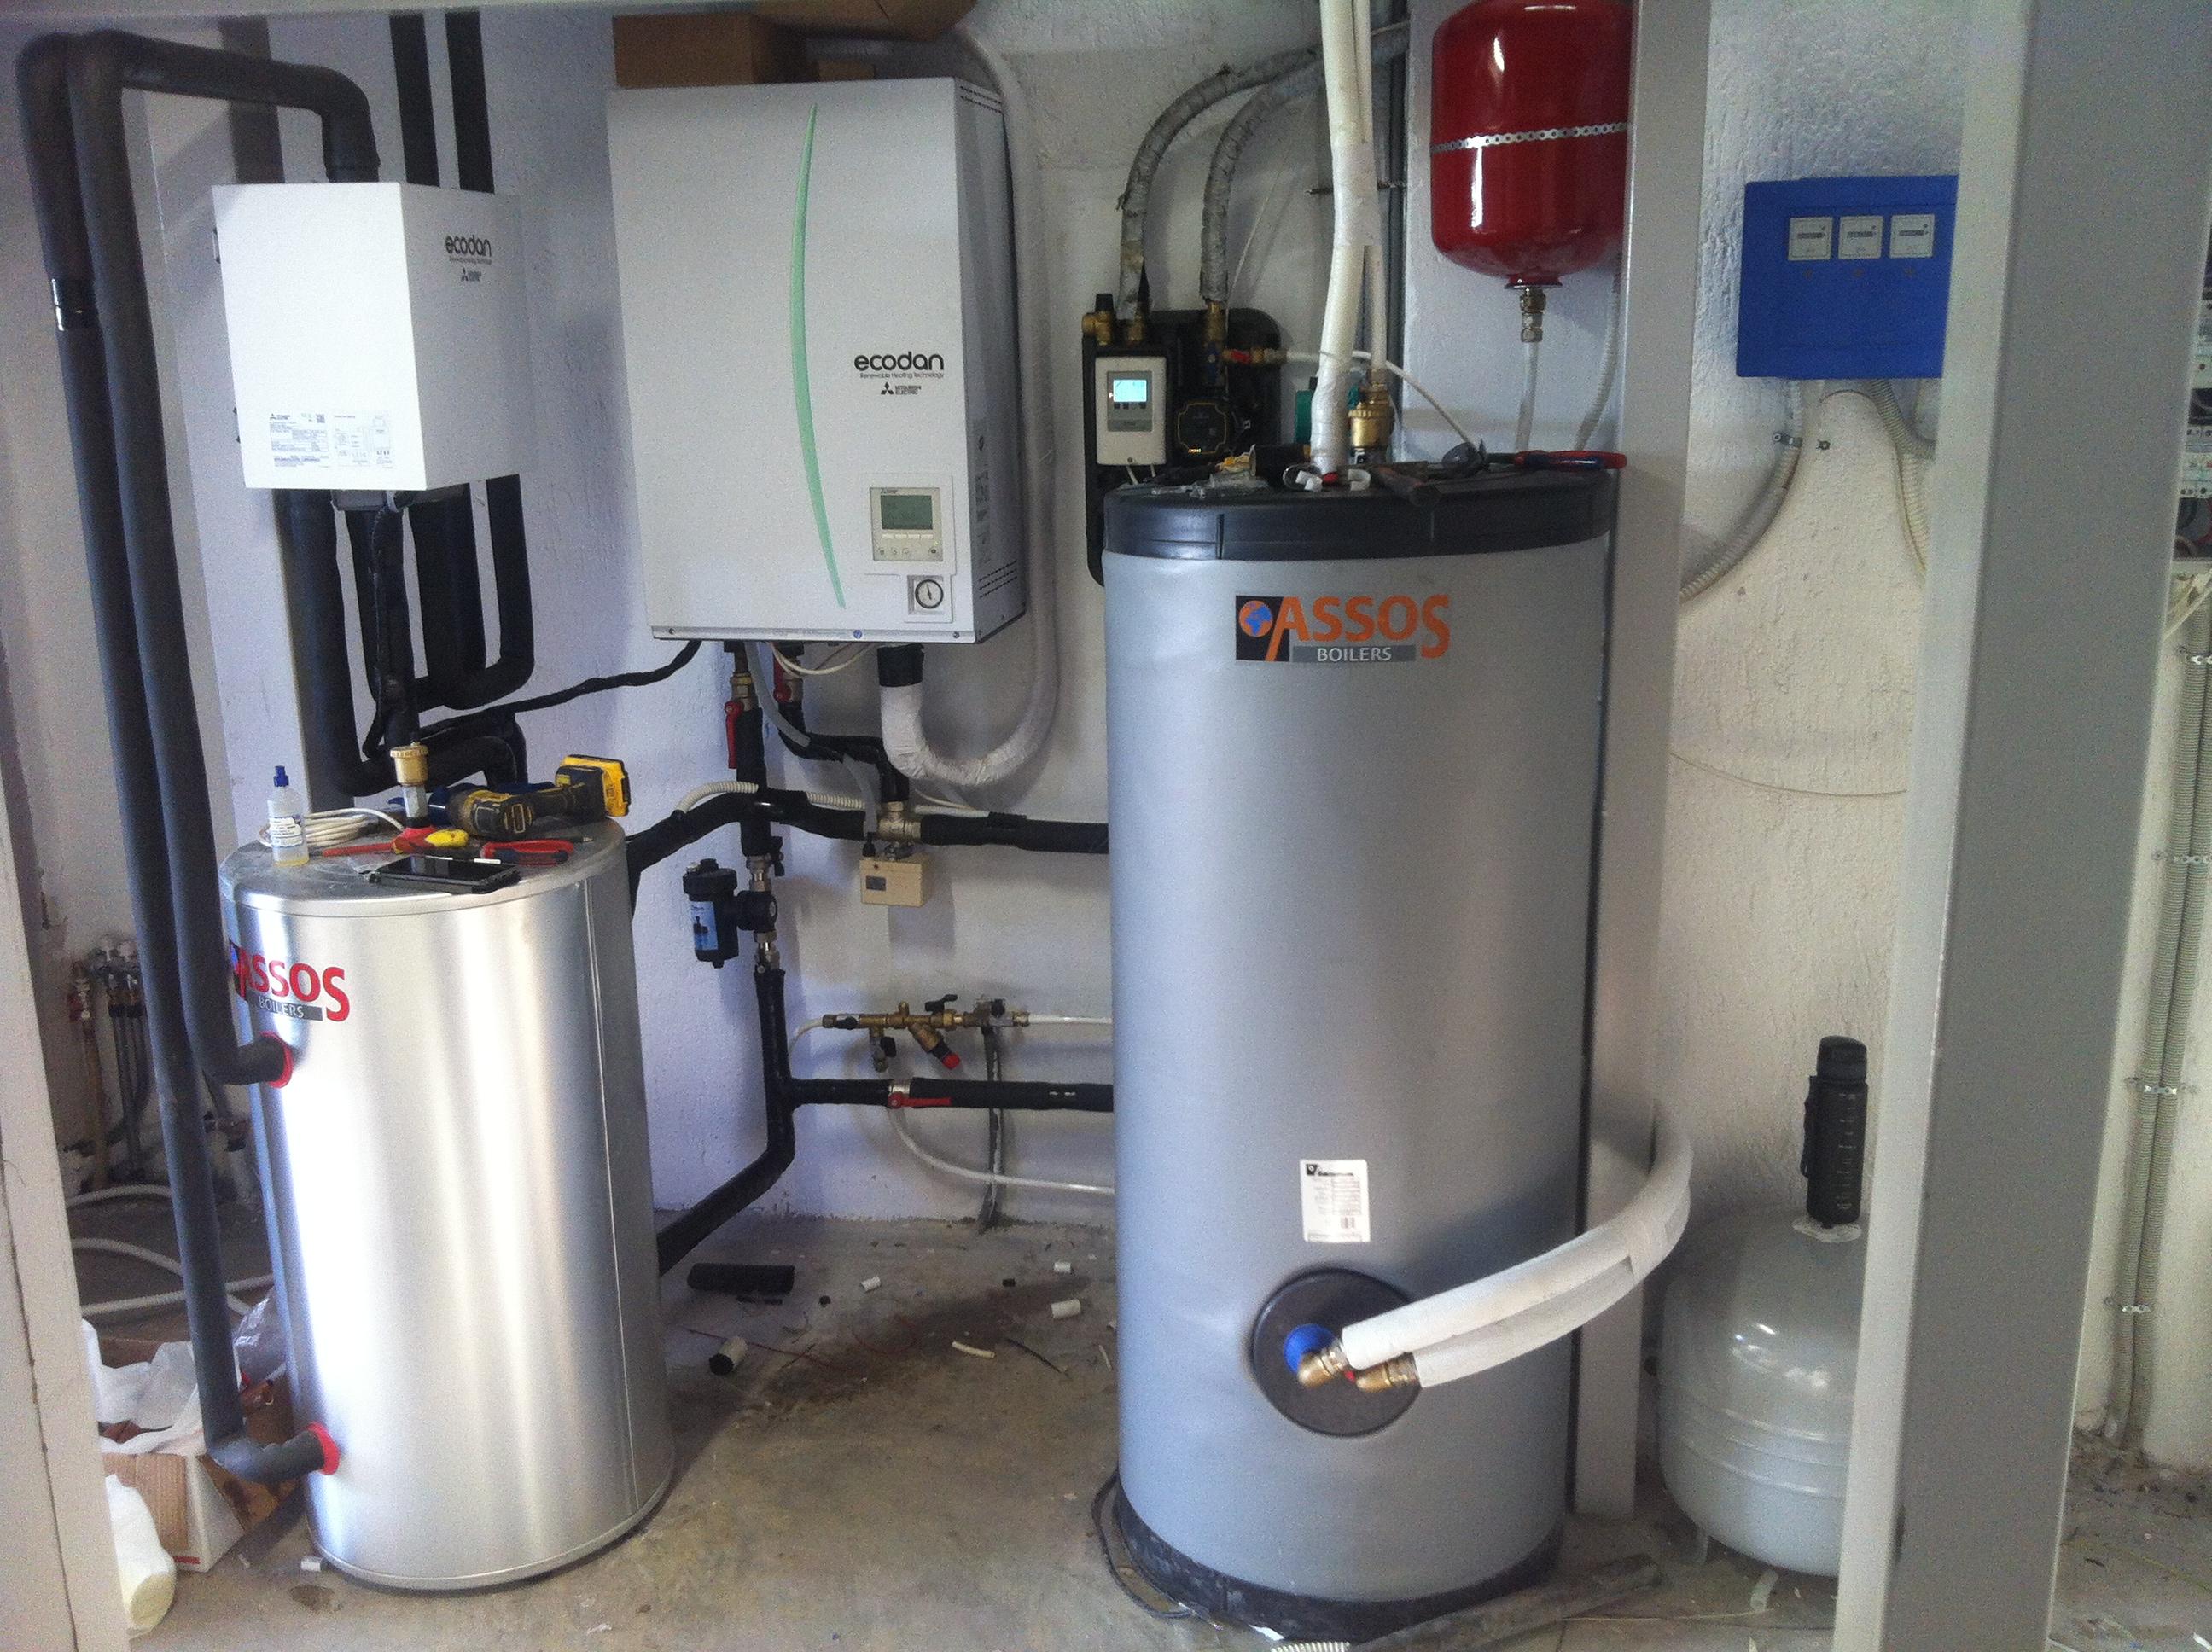 Υβριδικό σύστημα με Ηλιοθερμία για τα ΖΝΧ & Α/Θ για θέρμανση & ΖΝΧ σε κατοικία στην Ραφήνα